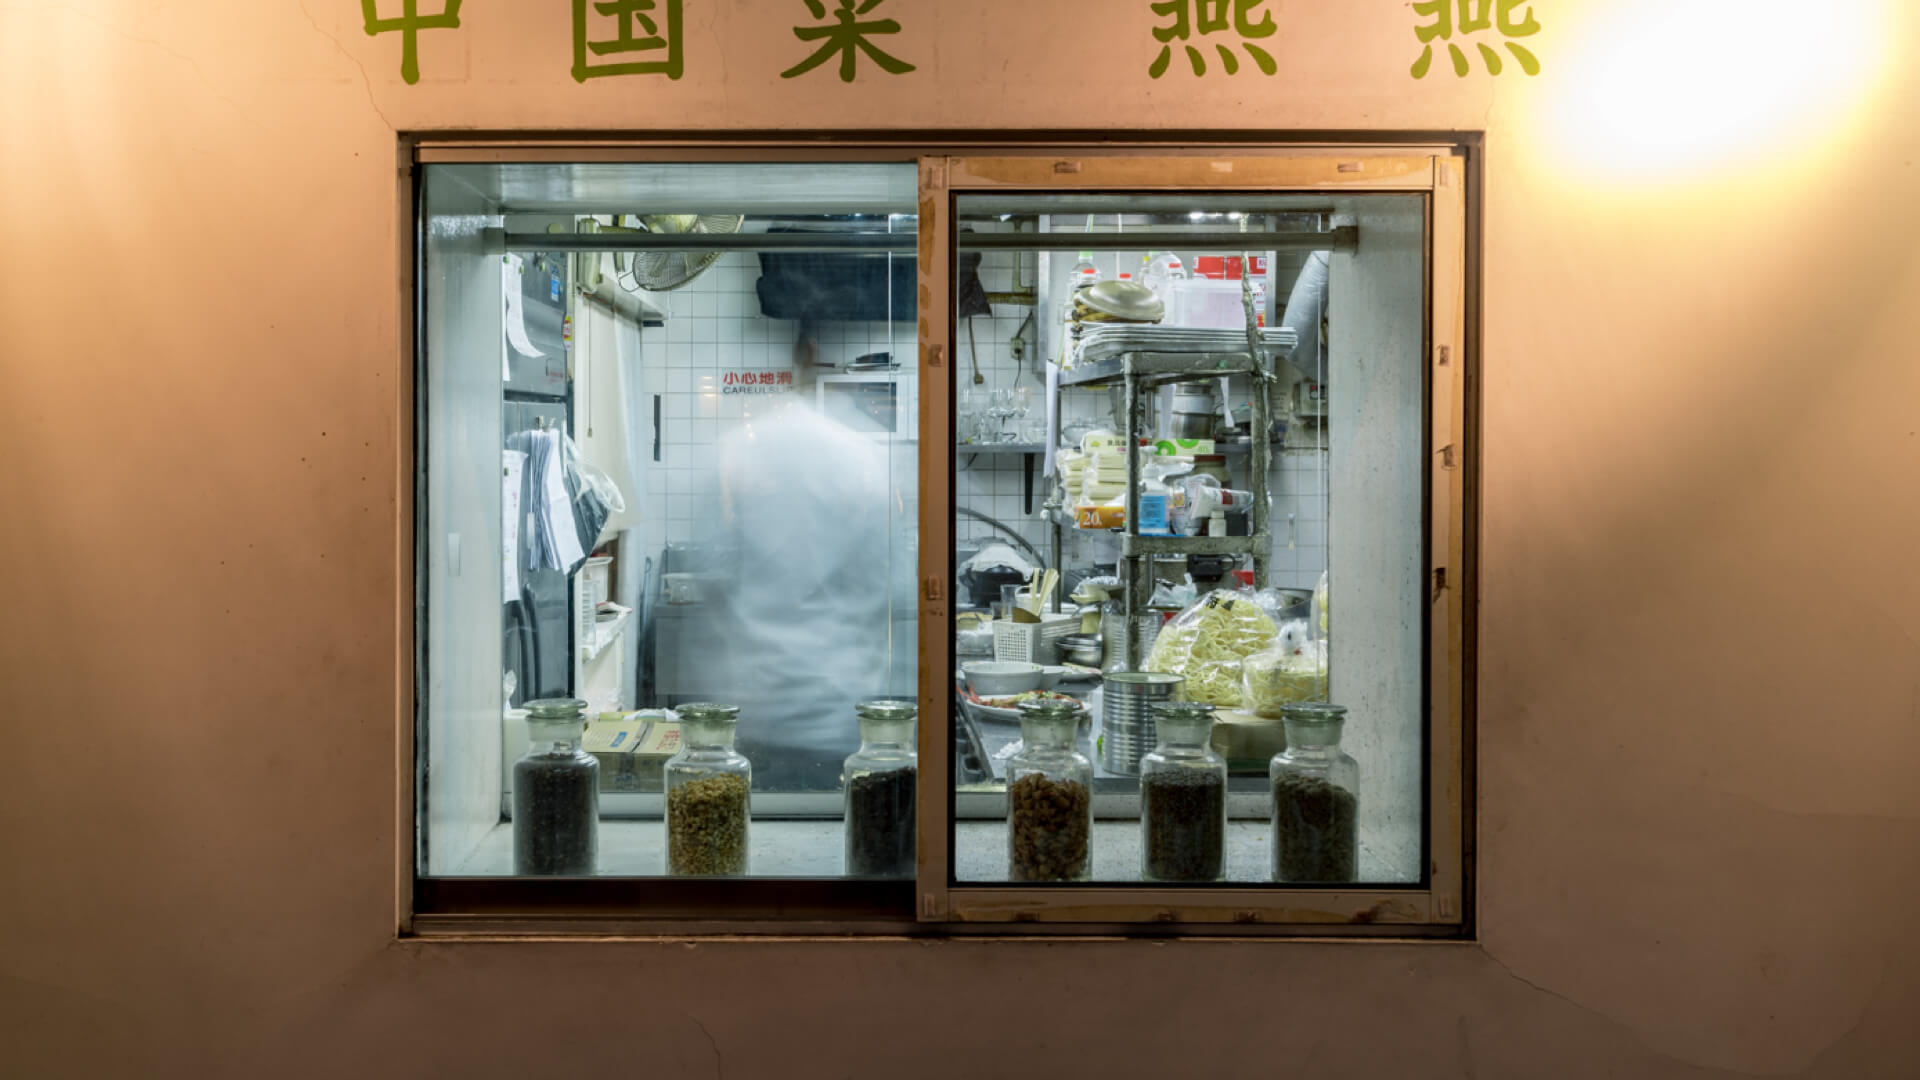 中国菜 燕燕(チュウゴクサイエンエン)